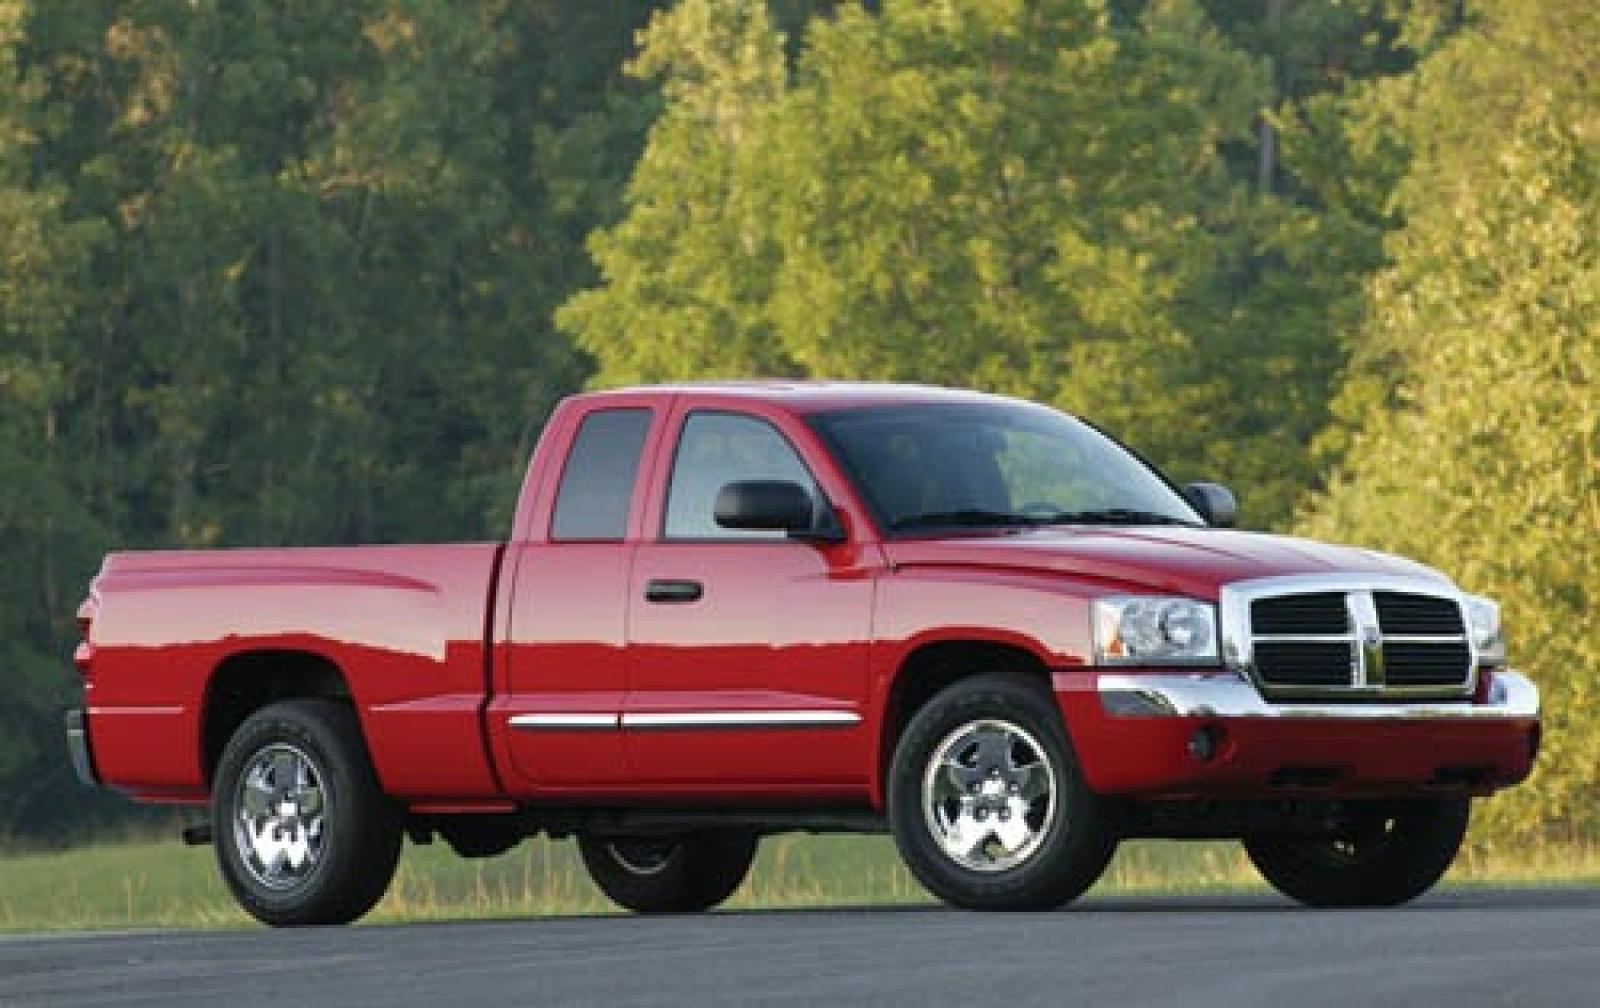 ... 2006 Dodge Dakota Laramie exterior #2 800 1024 1280 1600 origin ...